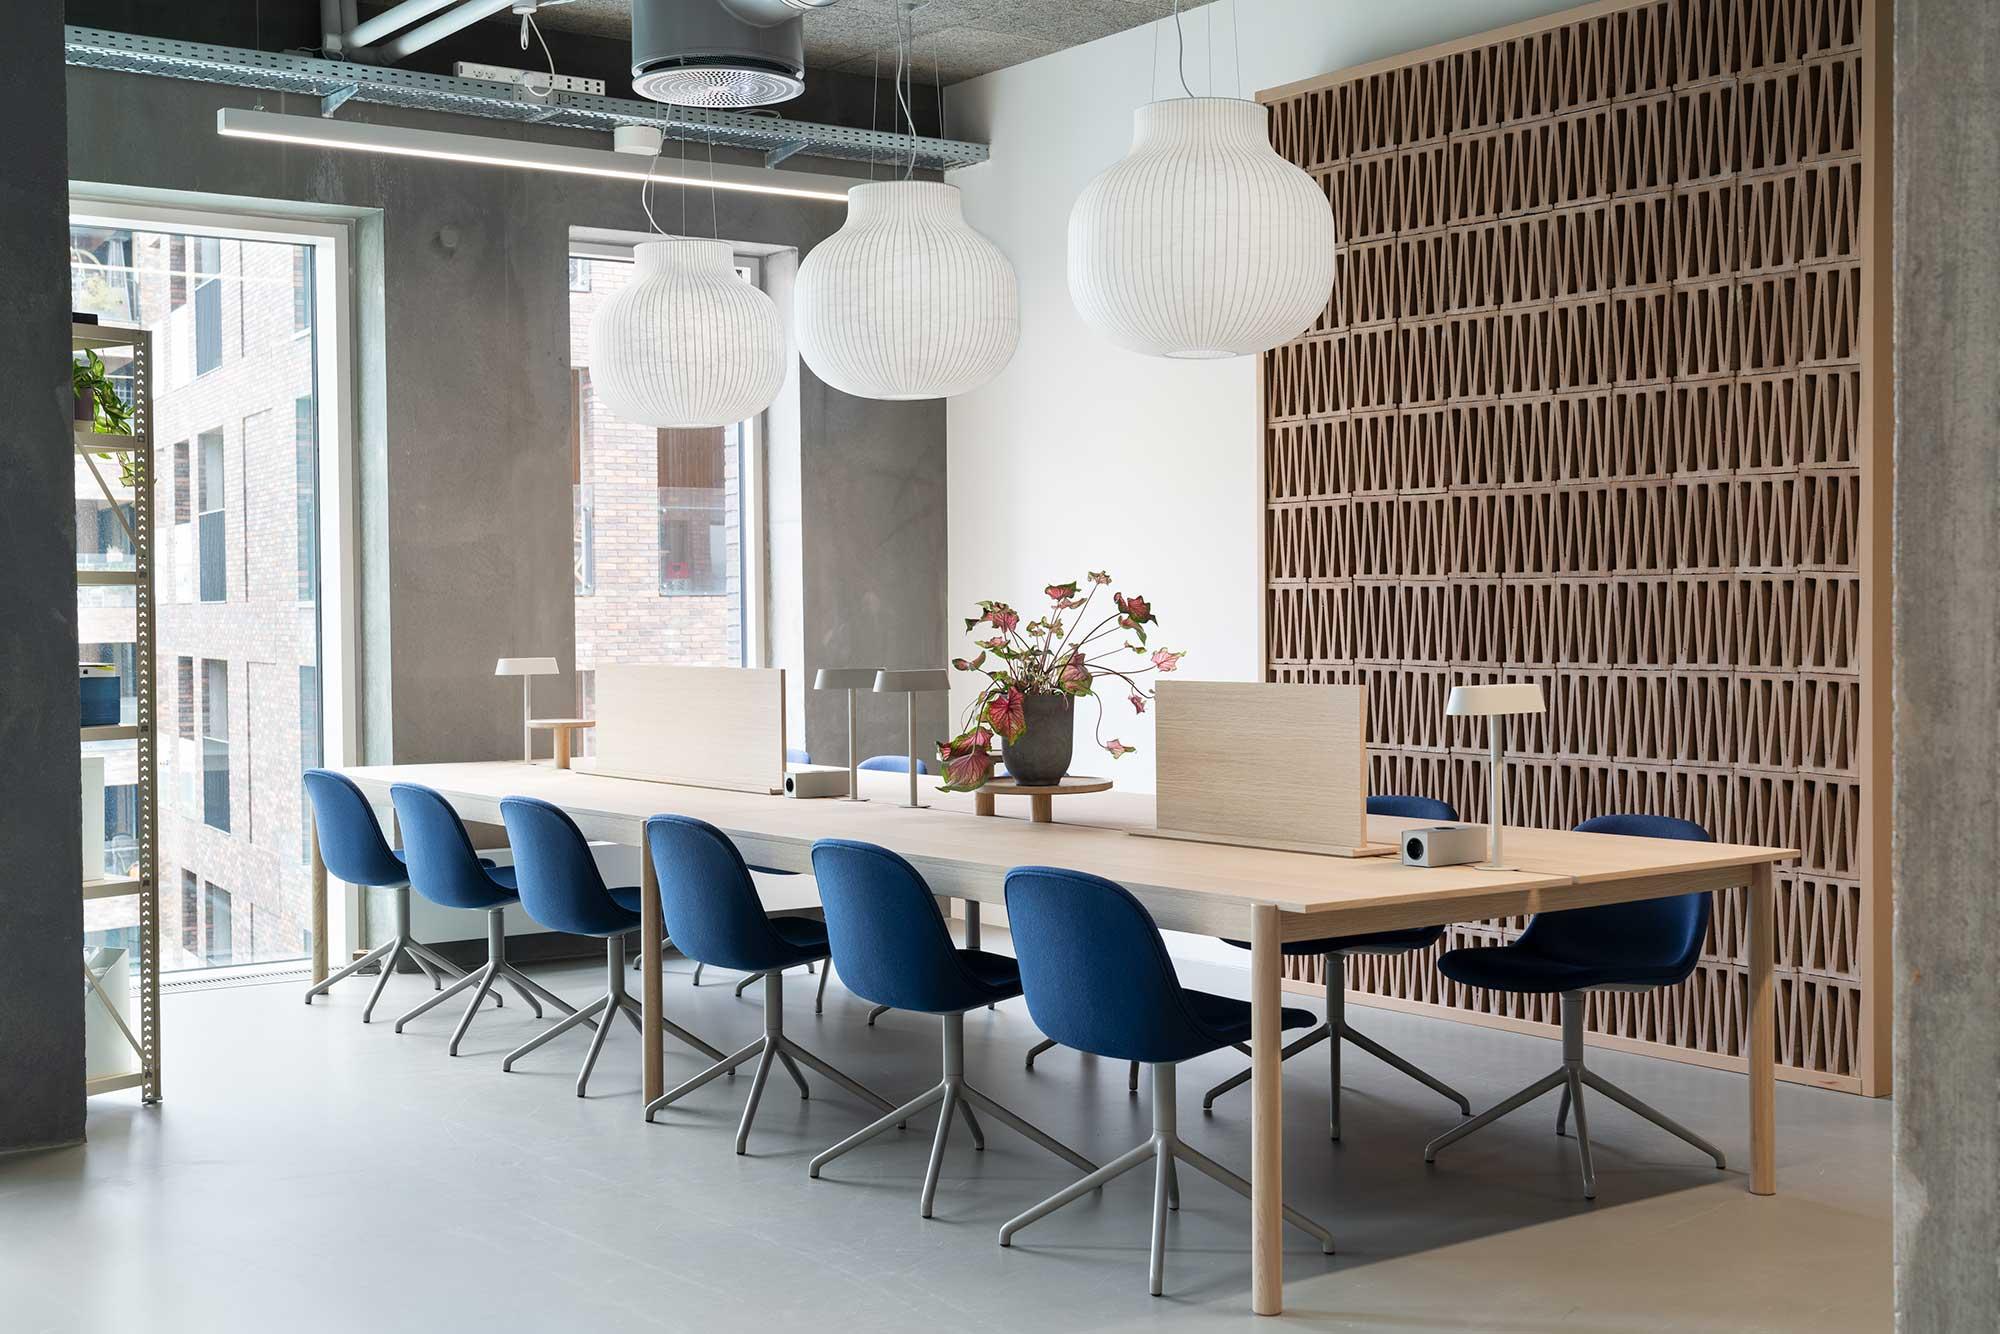 aarhus-office-2020-hi-res-4